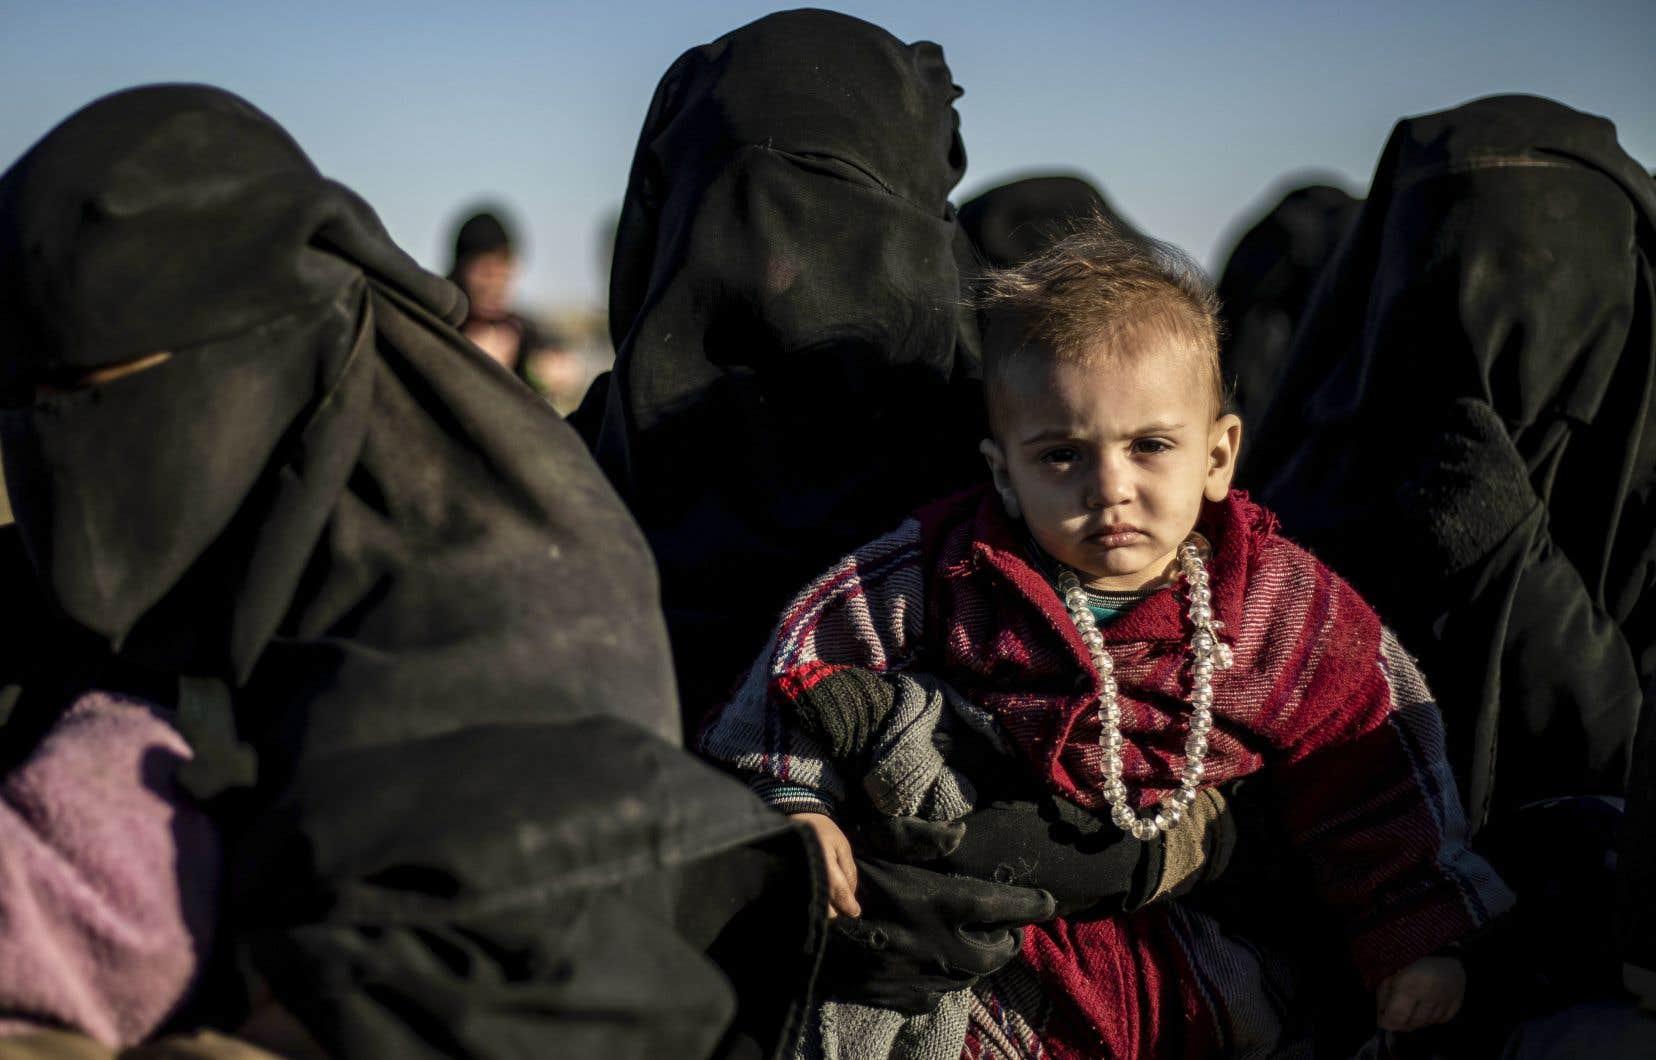 Lors de dernière opération d'évacuation, seule une poignée d'hommes se trouvaient parmi de nombreuses femmes, accompagnées de leurs enfants.